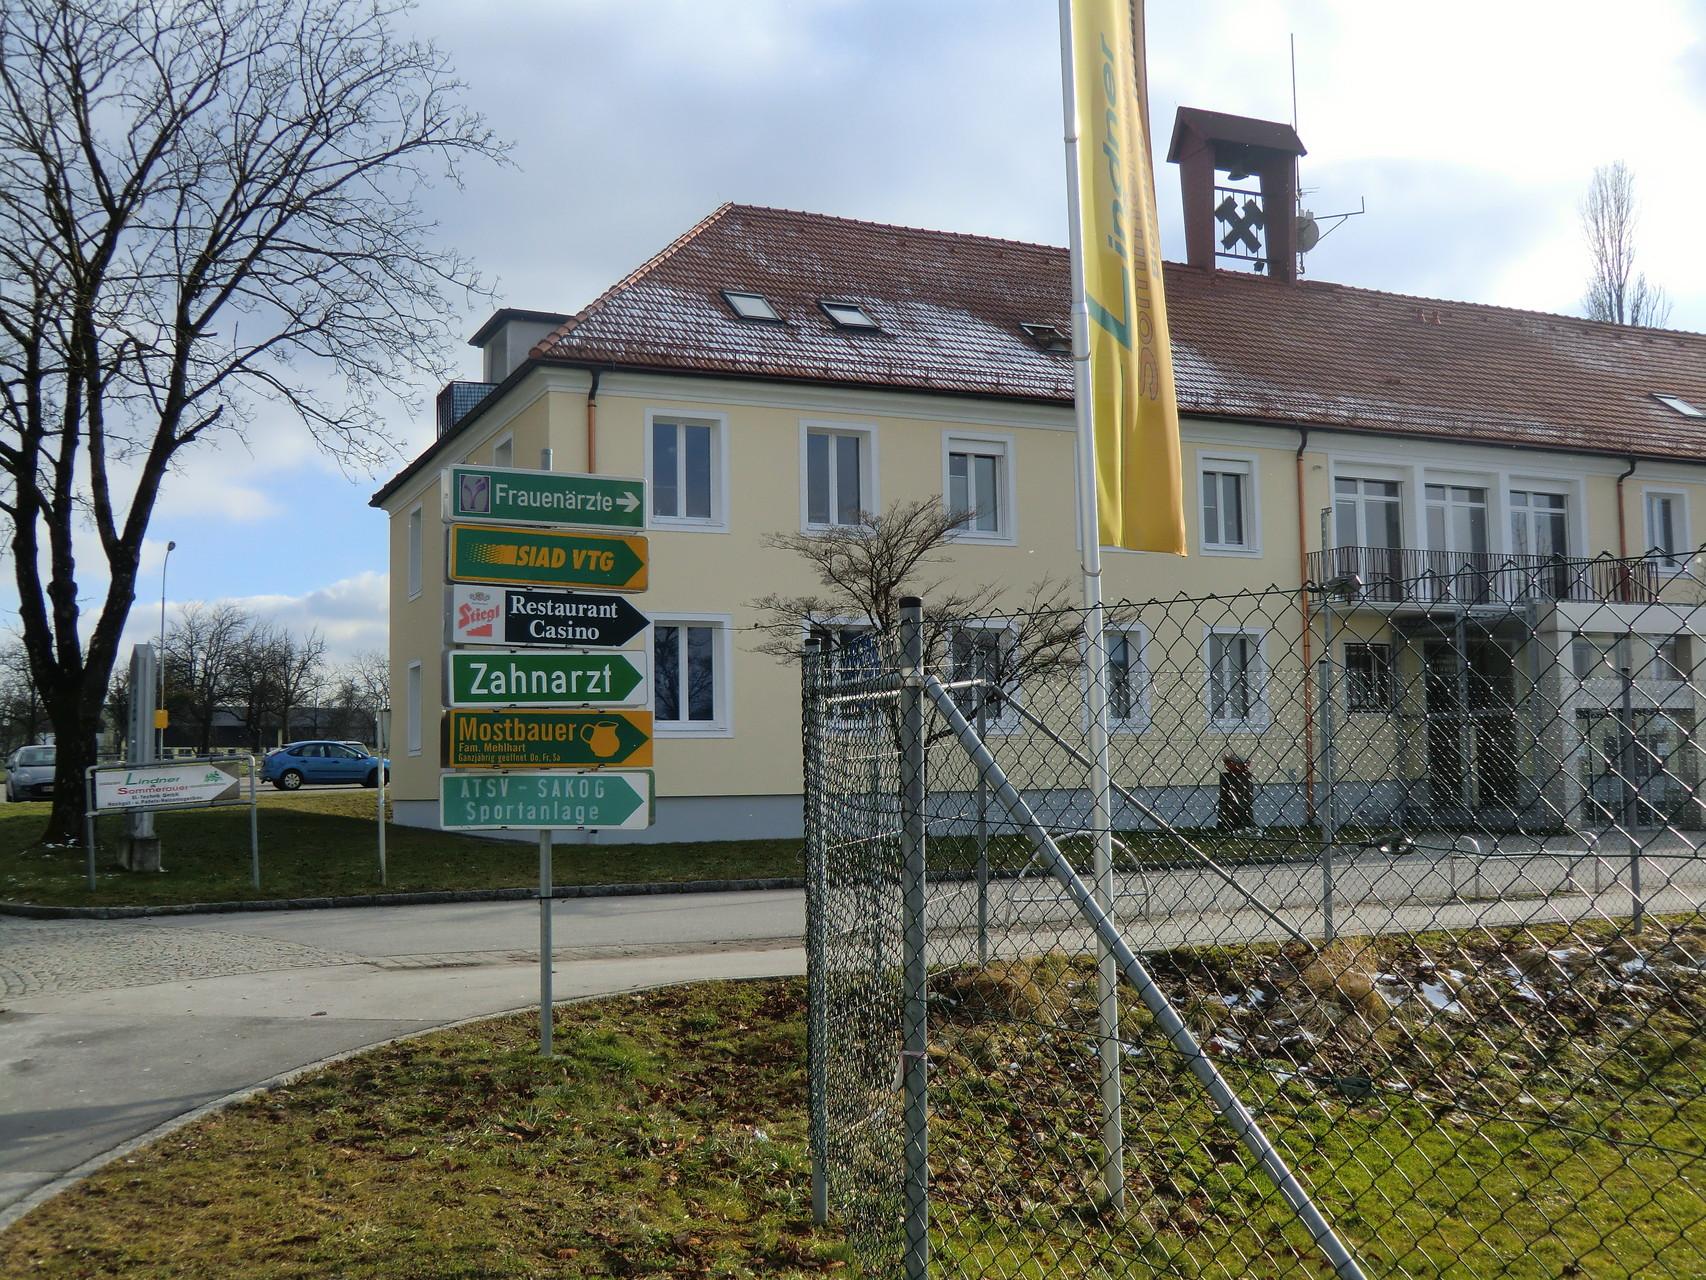 Gewerbe- und Dienstleistungszentrum Bergwerkstrasse 1 in Trimmelkam